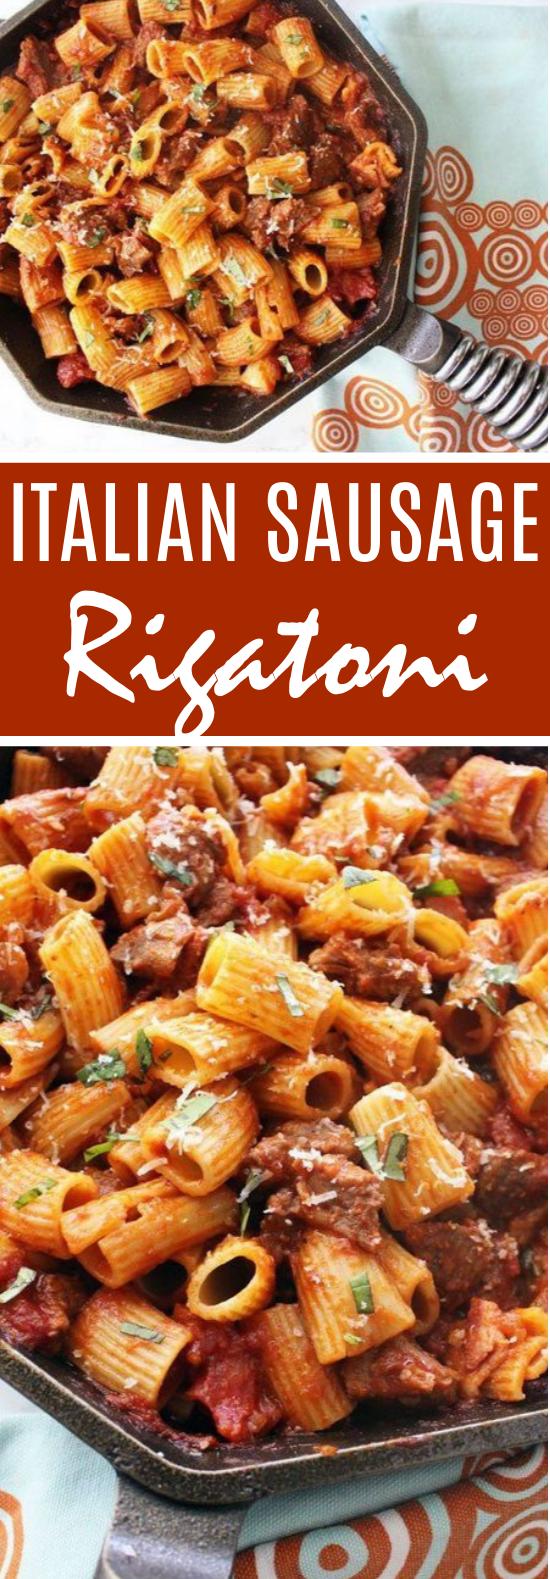 Rigatoni with Italian Sausage #pasta #dinner #weeknight #recipes #sausage